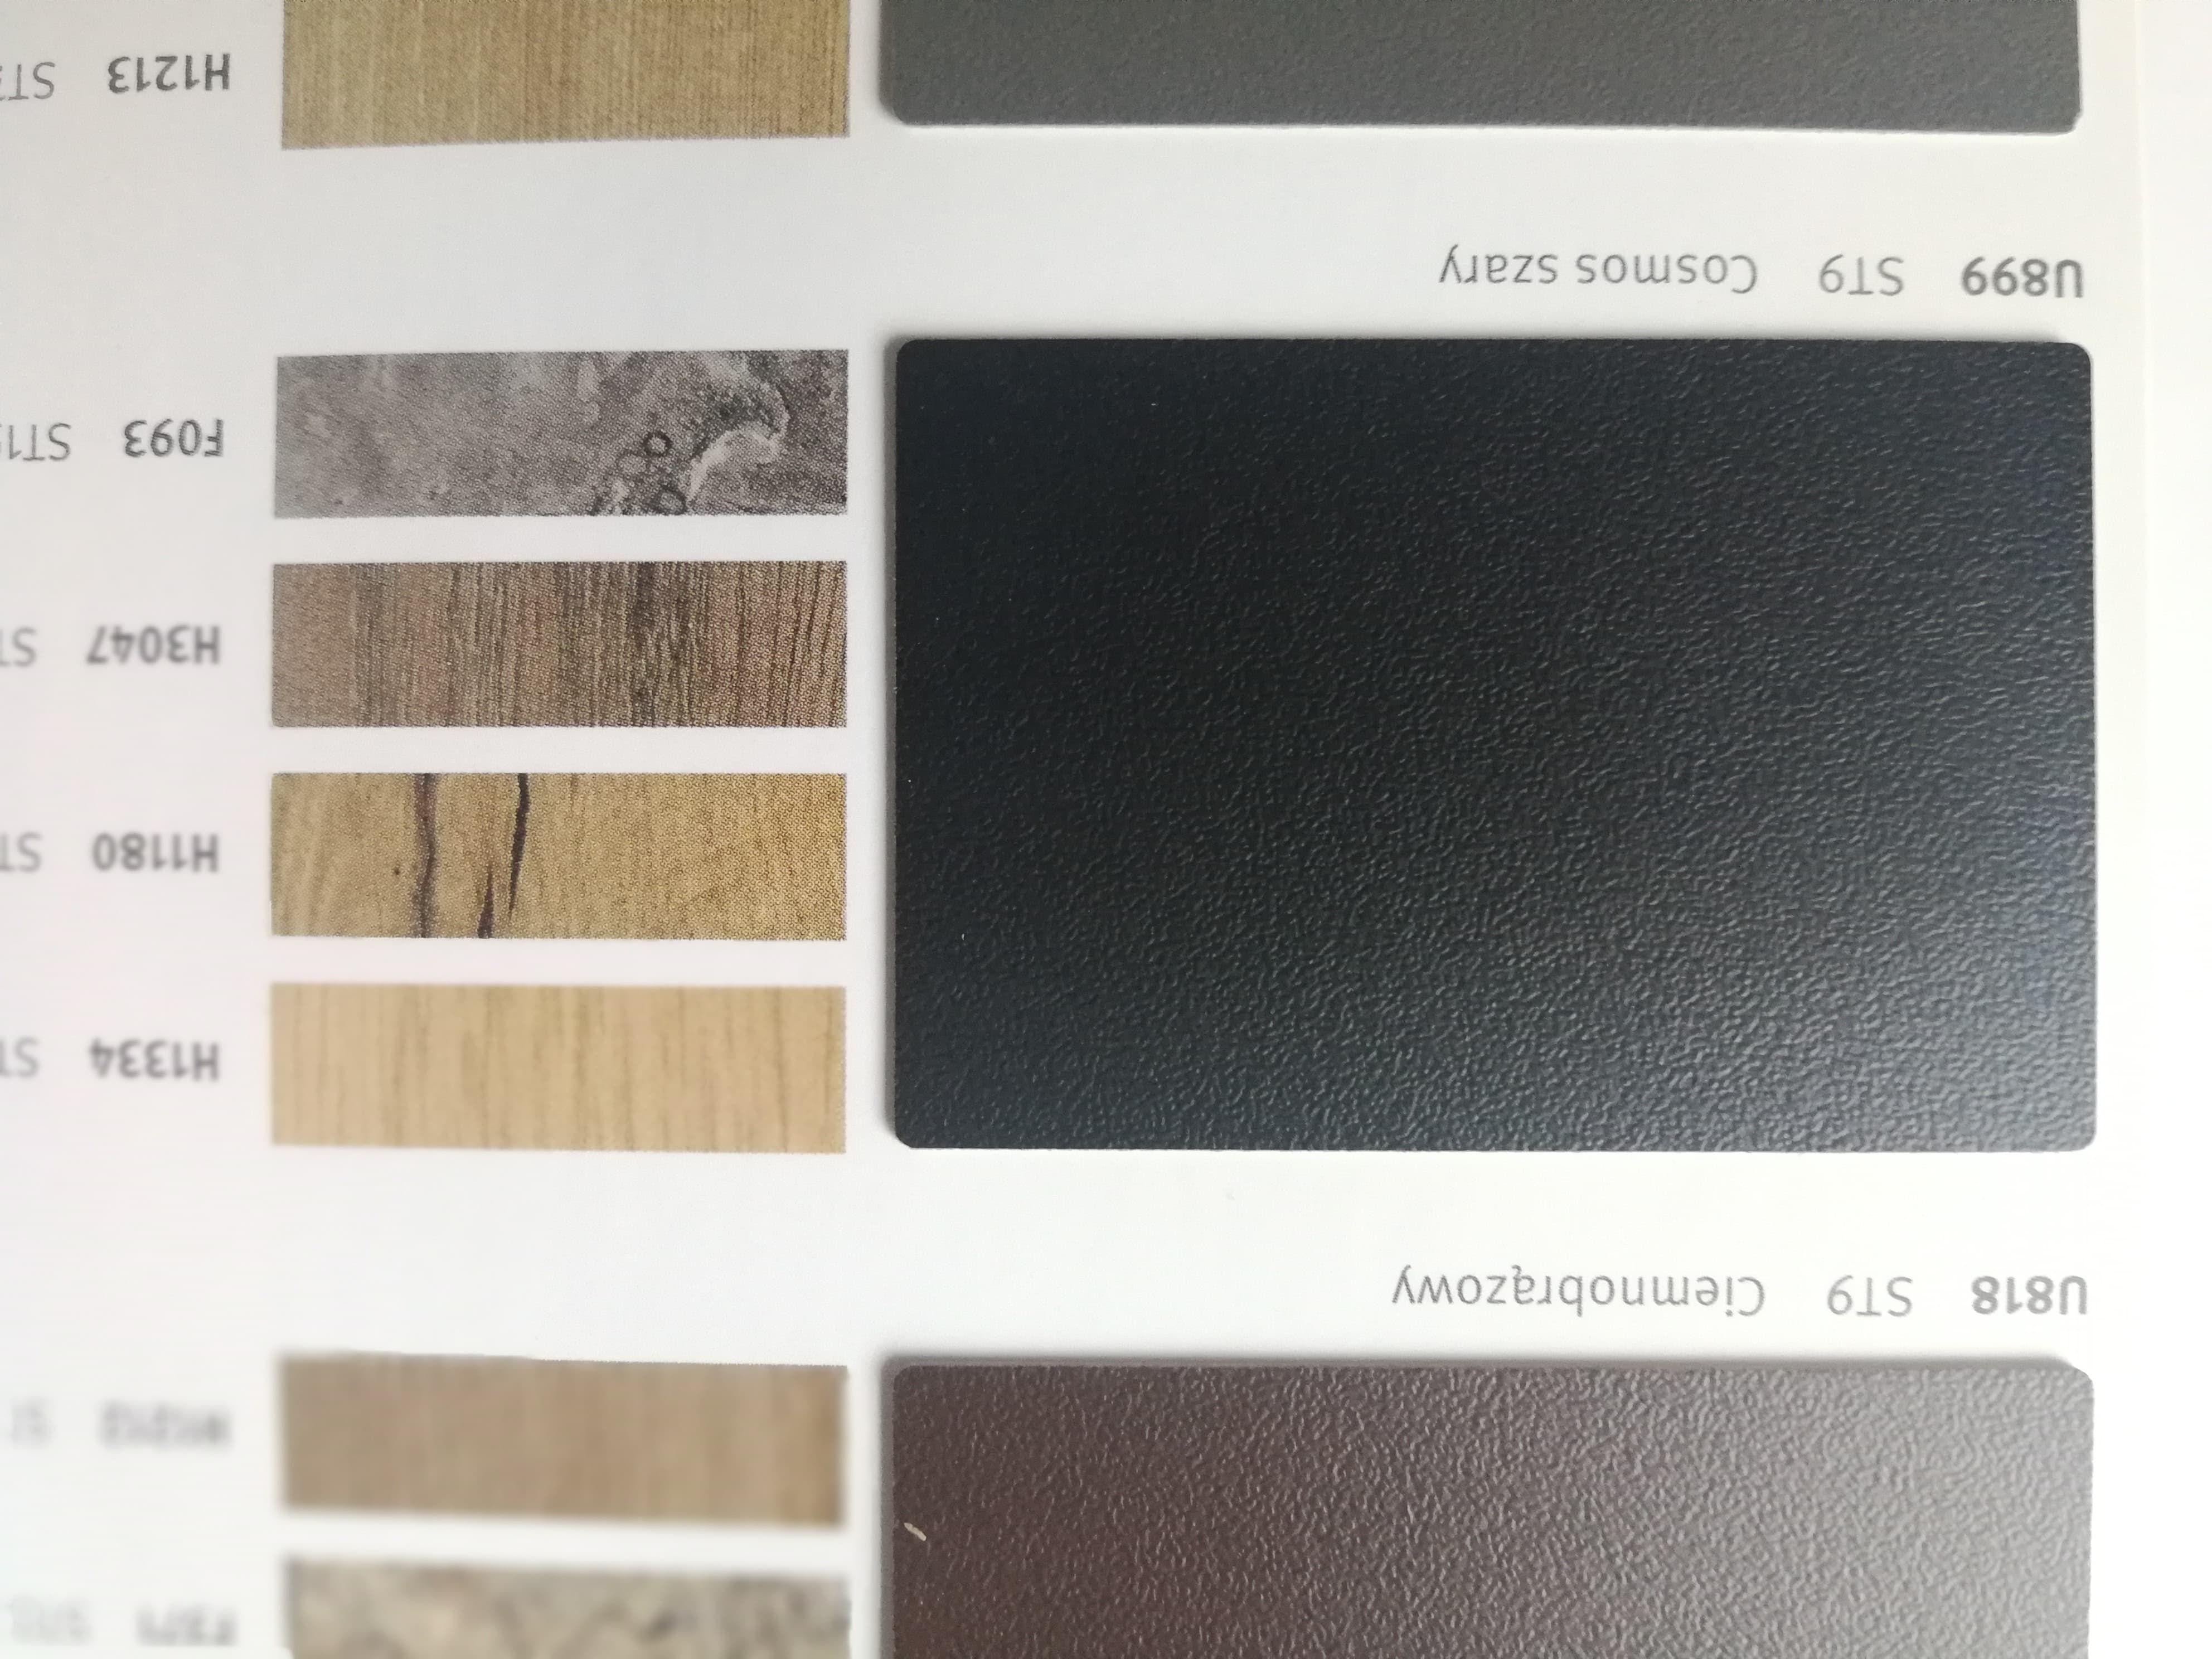 Alternatywna Opcja Wykonczenia Blatu Stolu W Kuchni Egger Cosmos Szary U899 St9 Laminat Hpl Decor Home Decor Magazine Rack